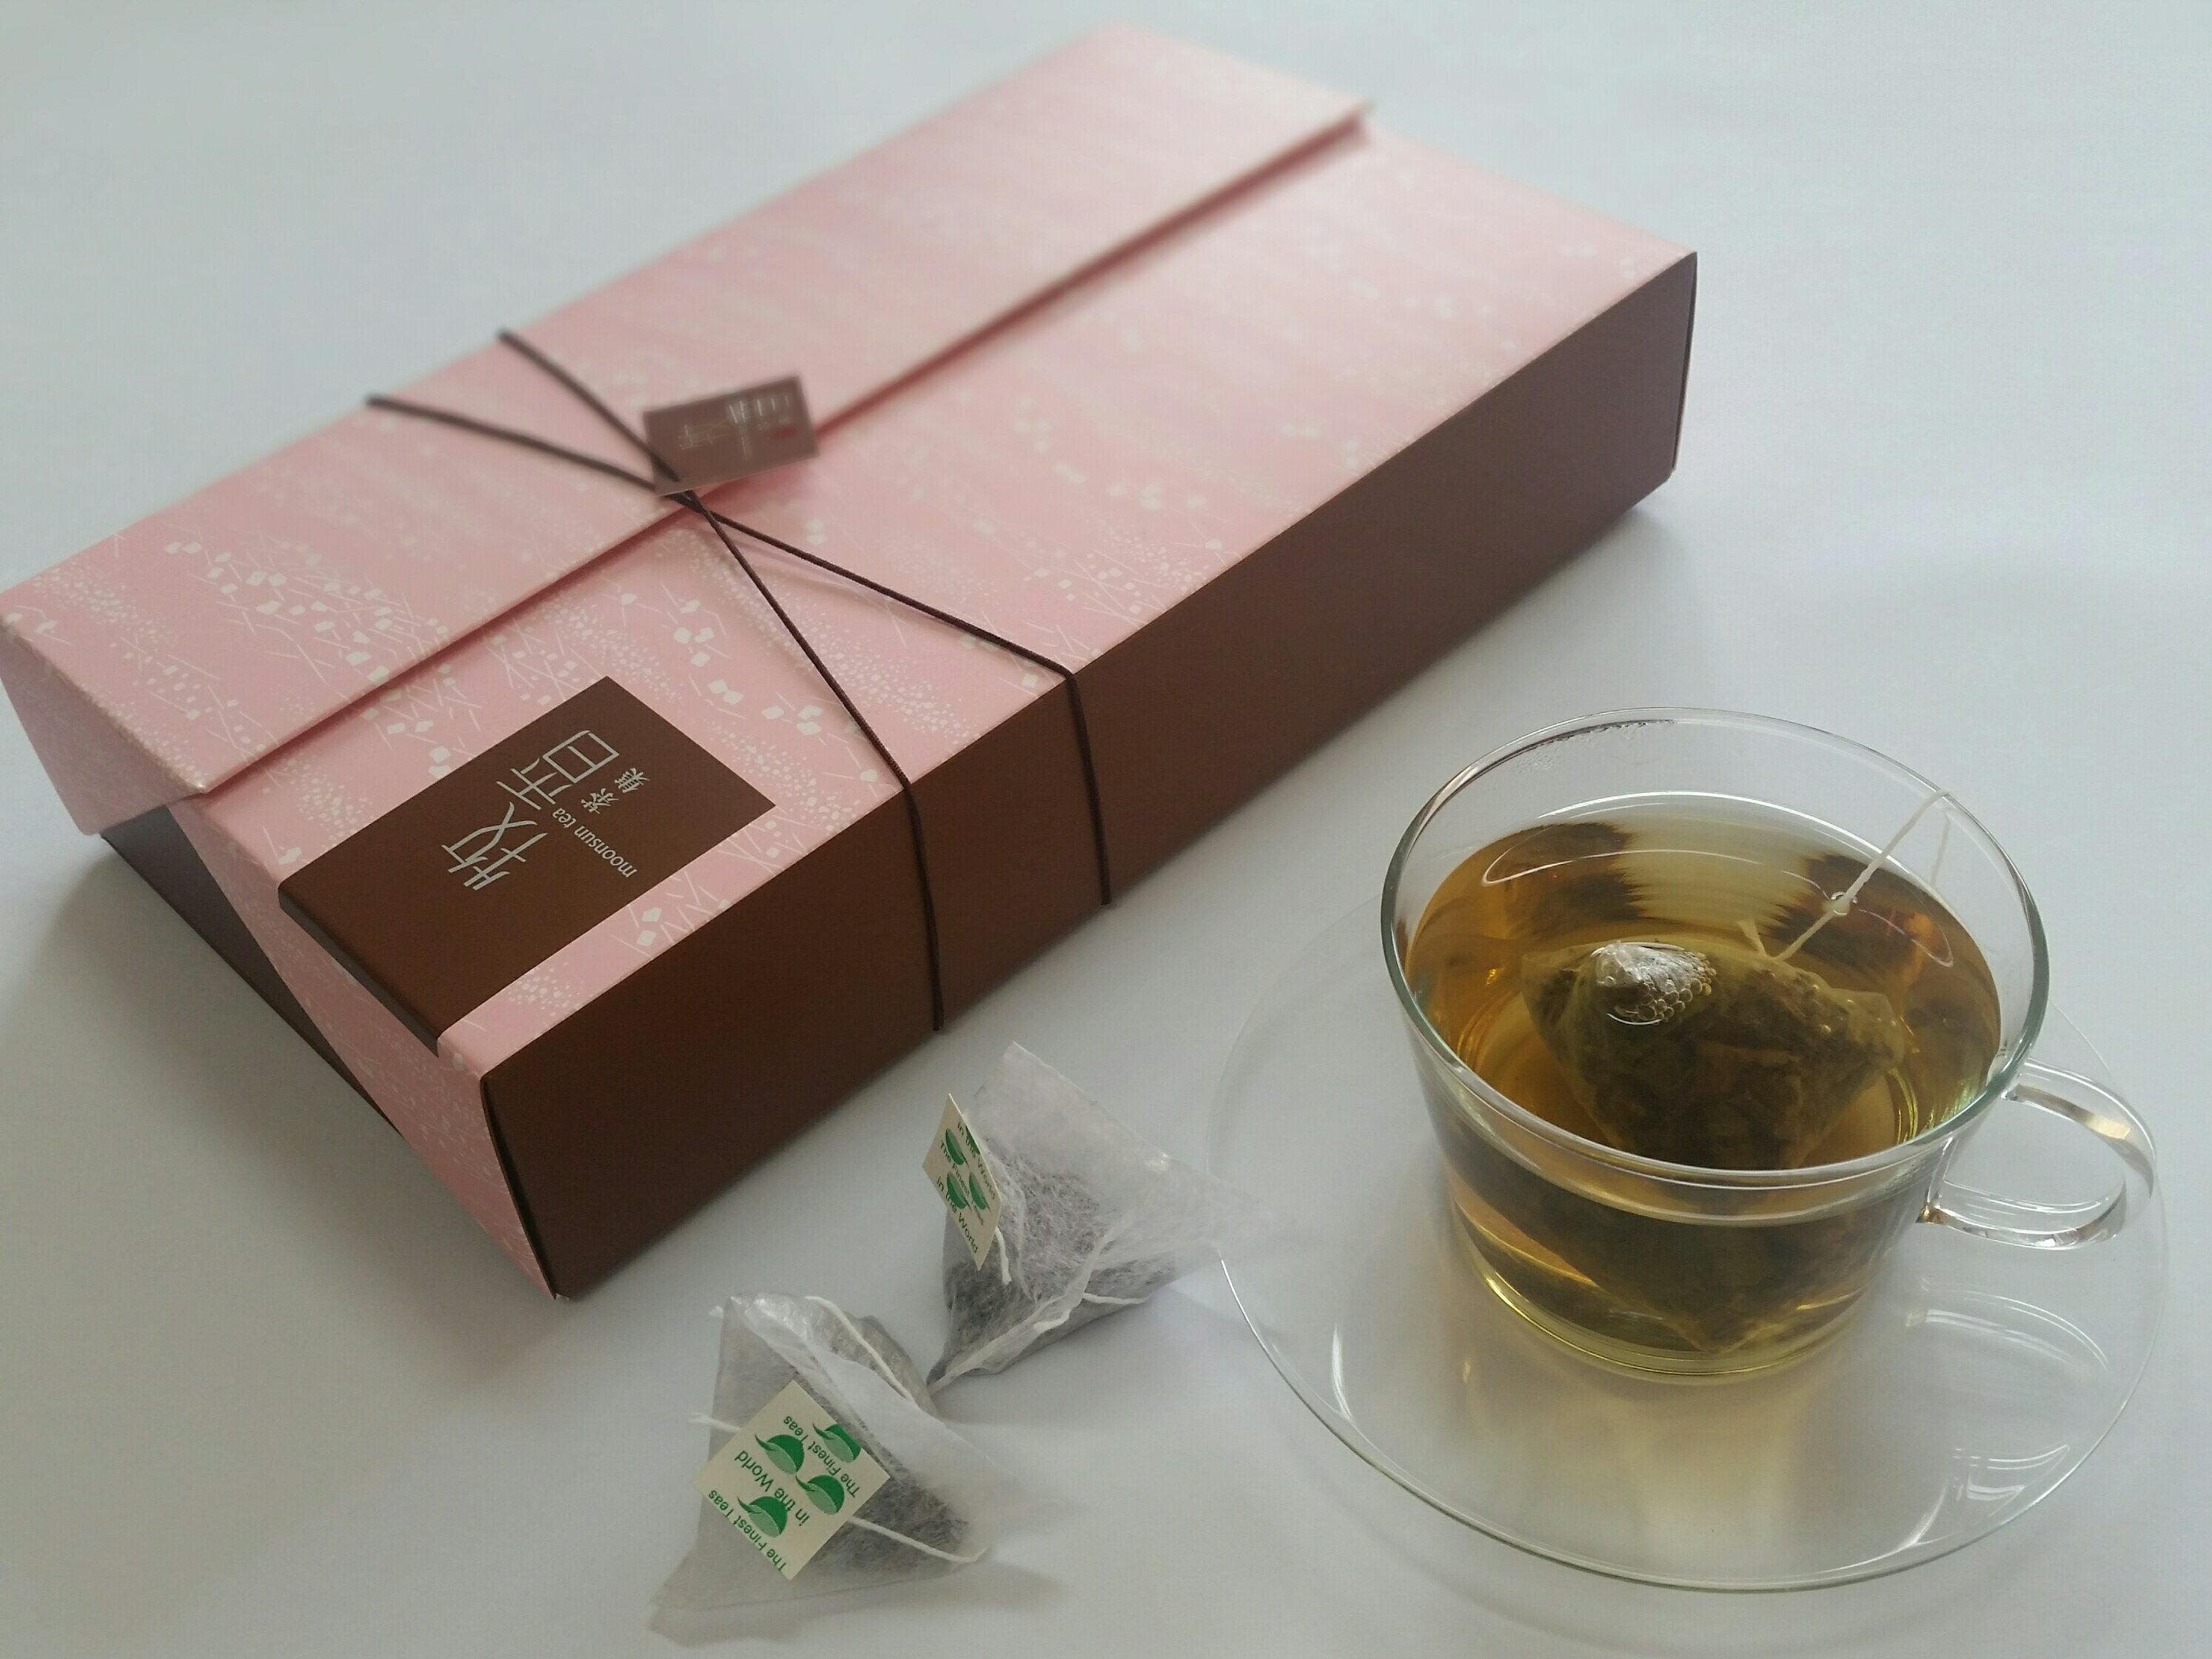 『牧香茶集花茶系列』蜜香貴妃烏龍原片茶包禮盒   Honey oolong tea bag